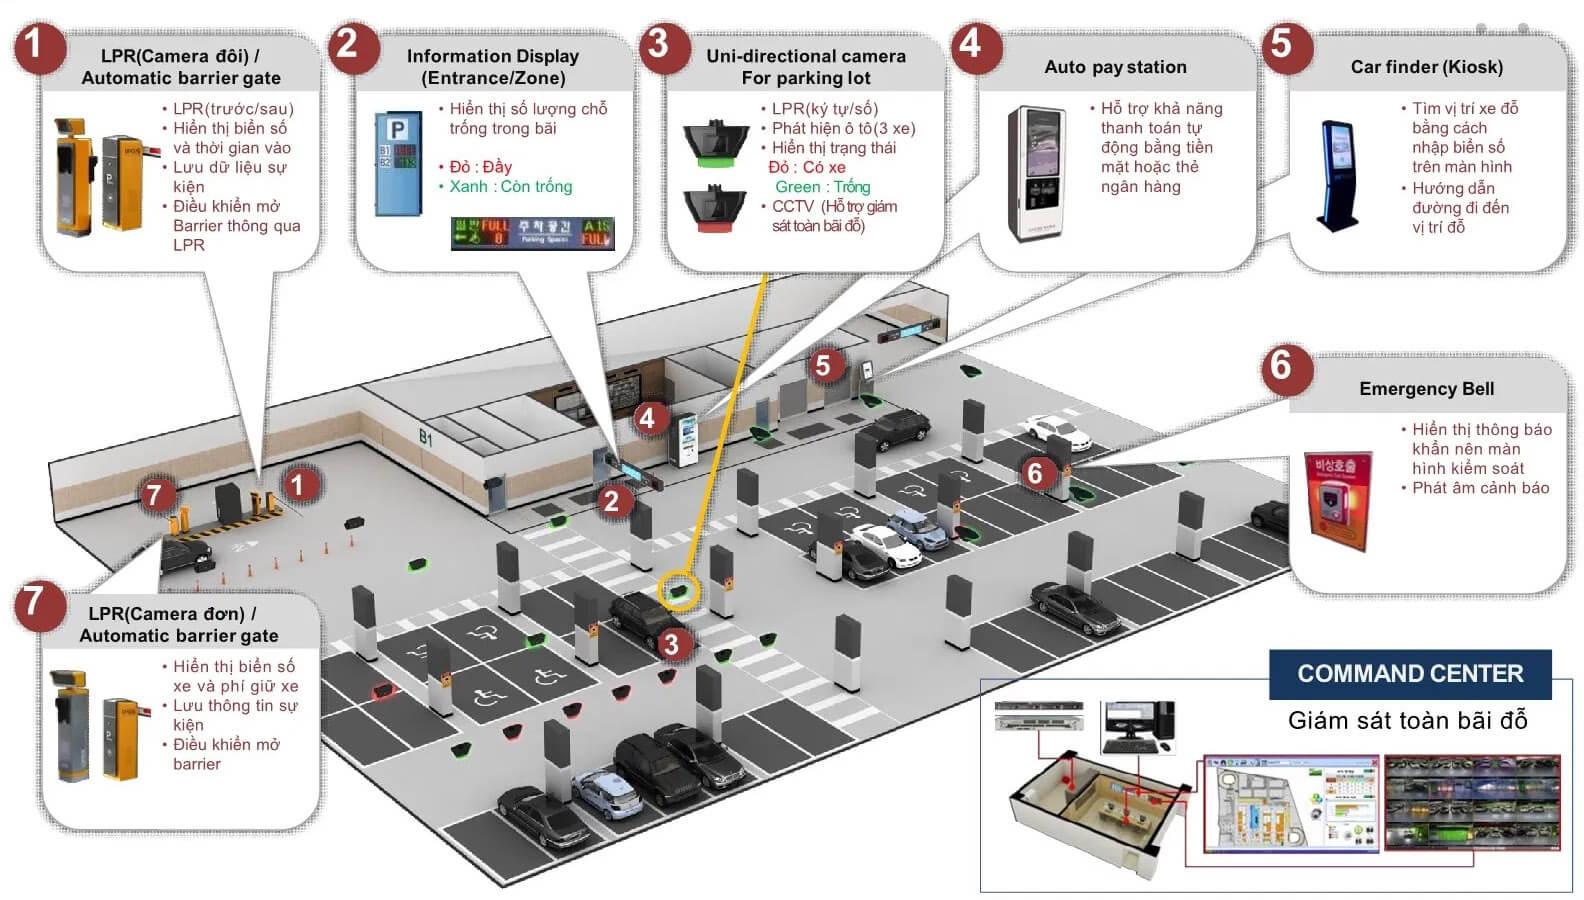 Sơ đồ Hệ thống hướng dẫn bãi đỗ xe